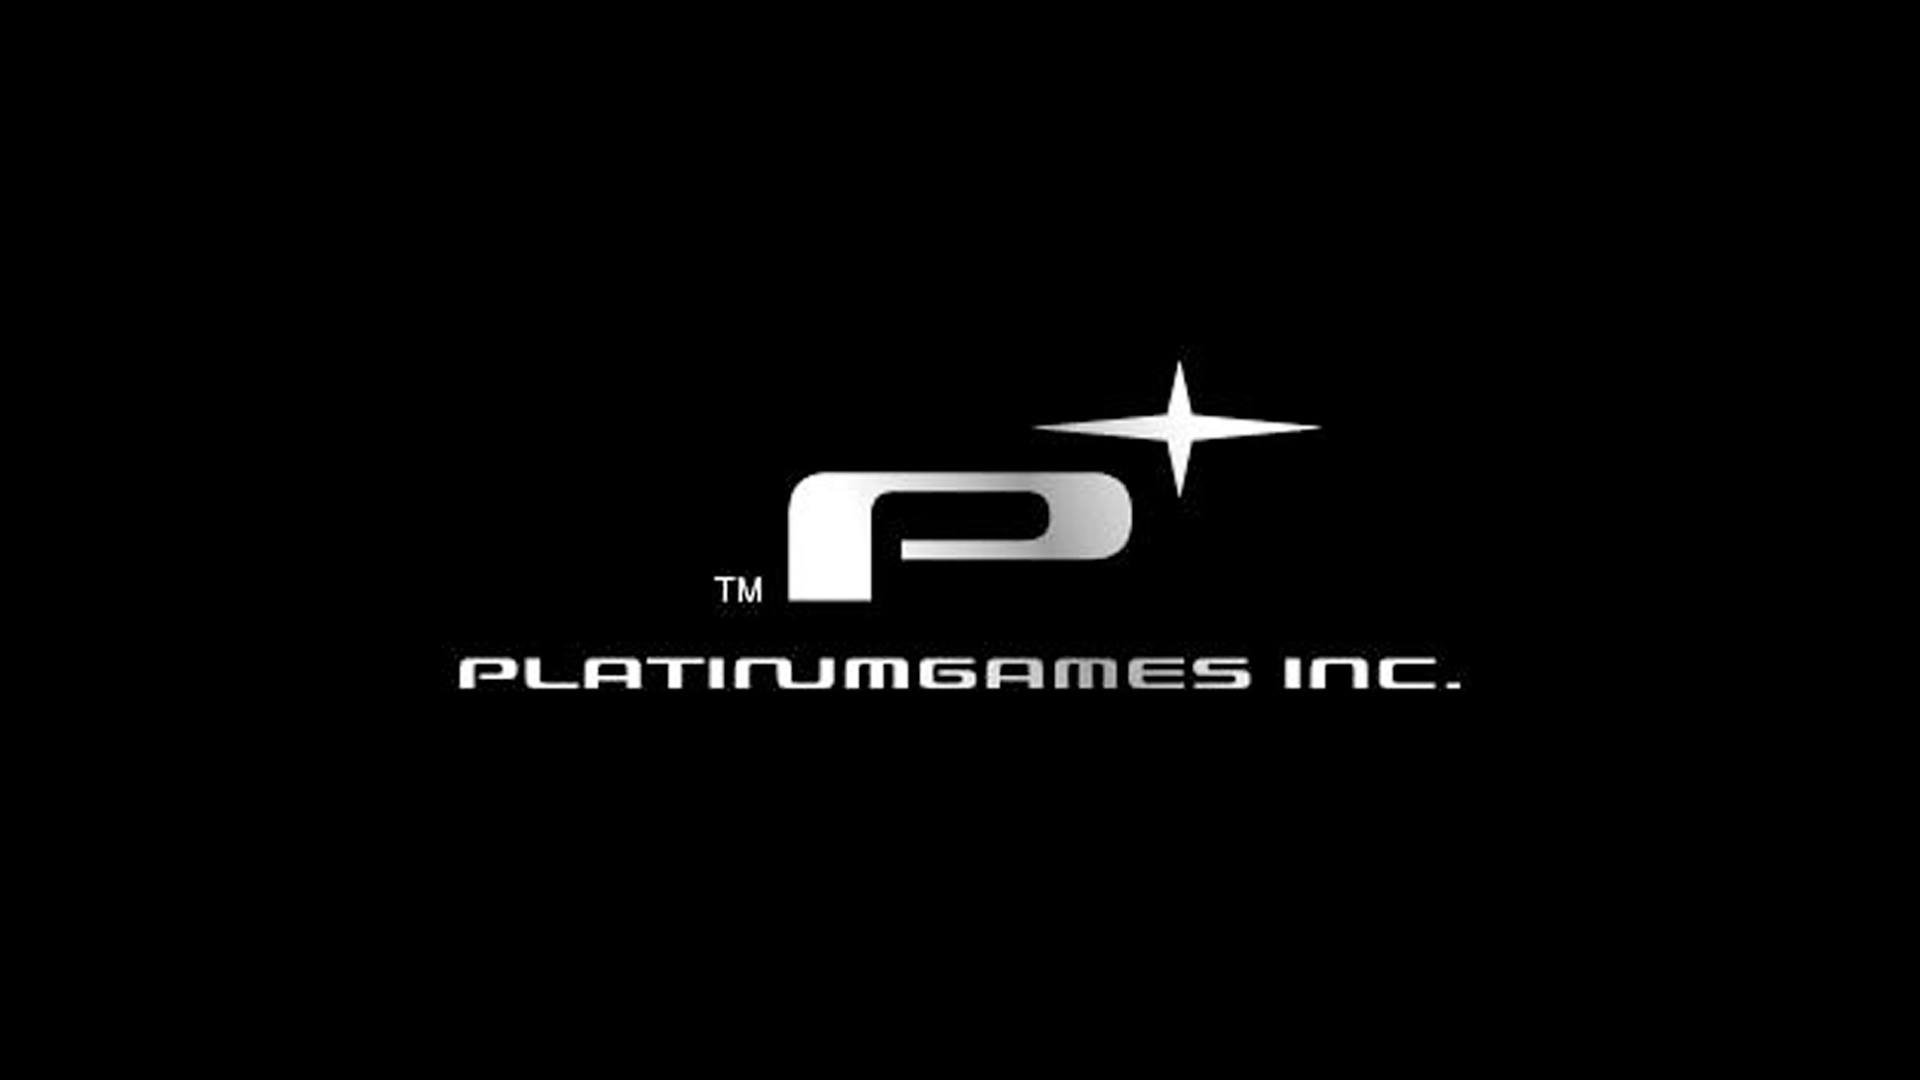 ناشر بازی های PlatinumGames